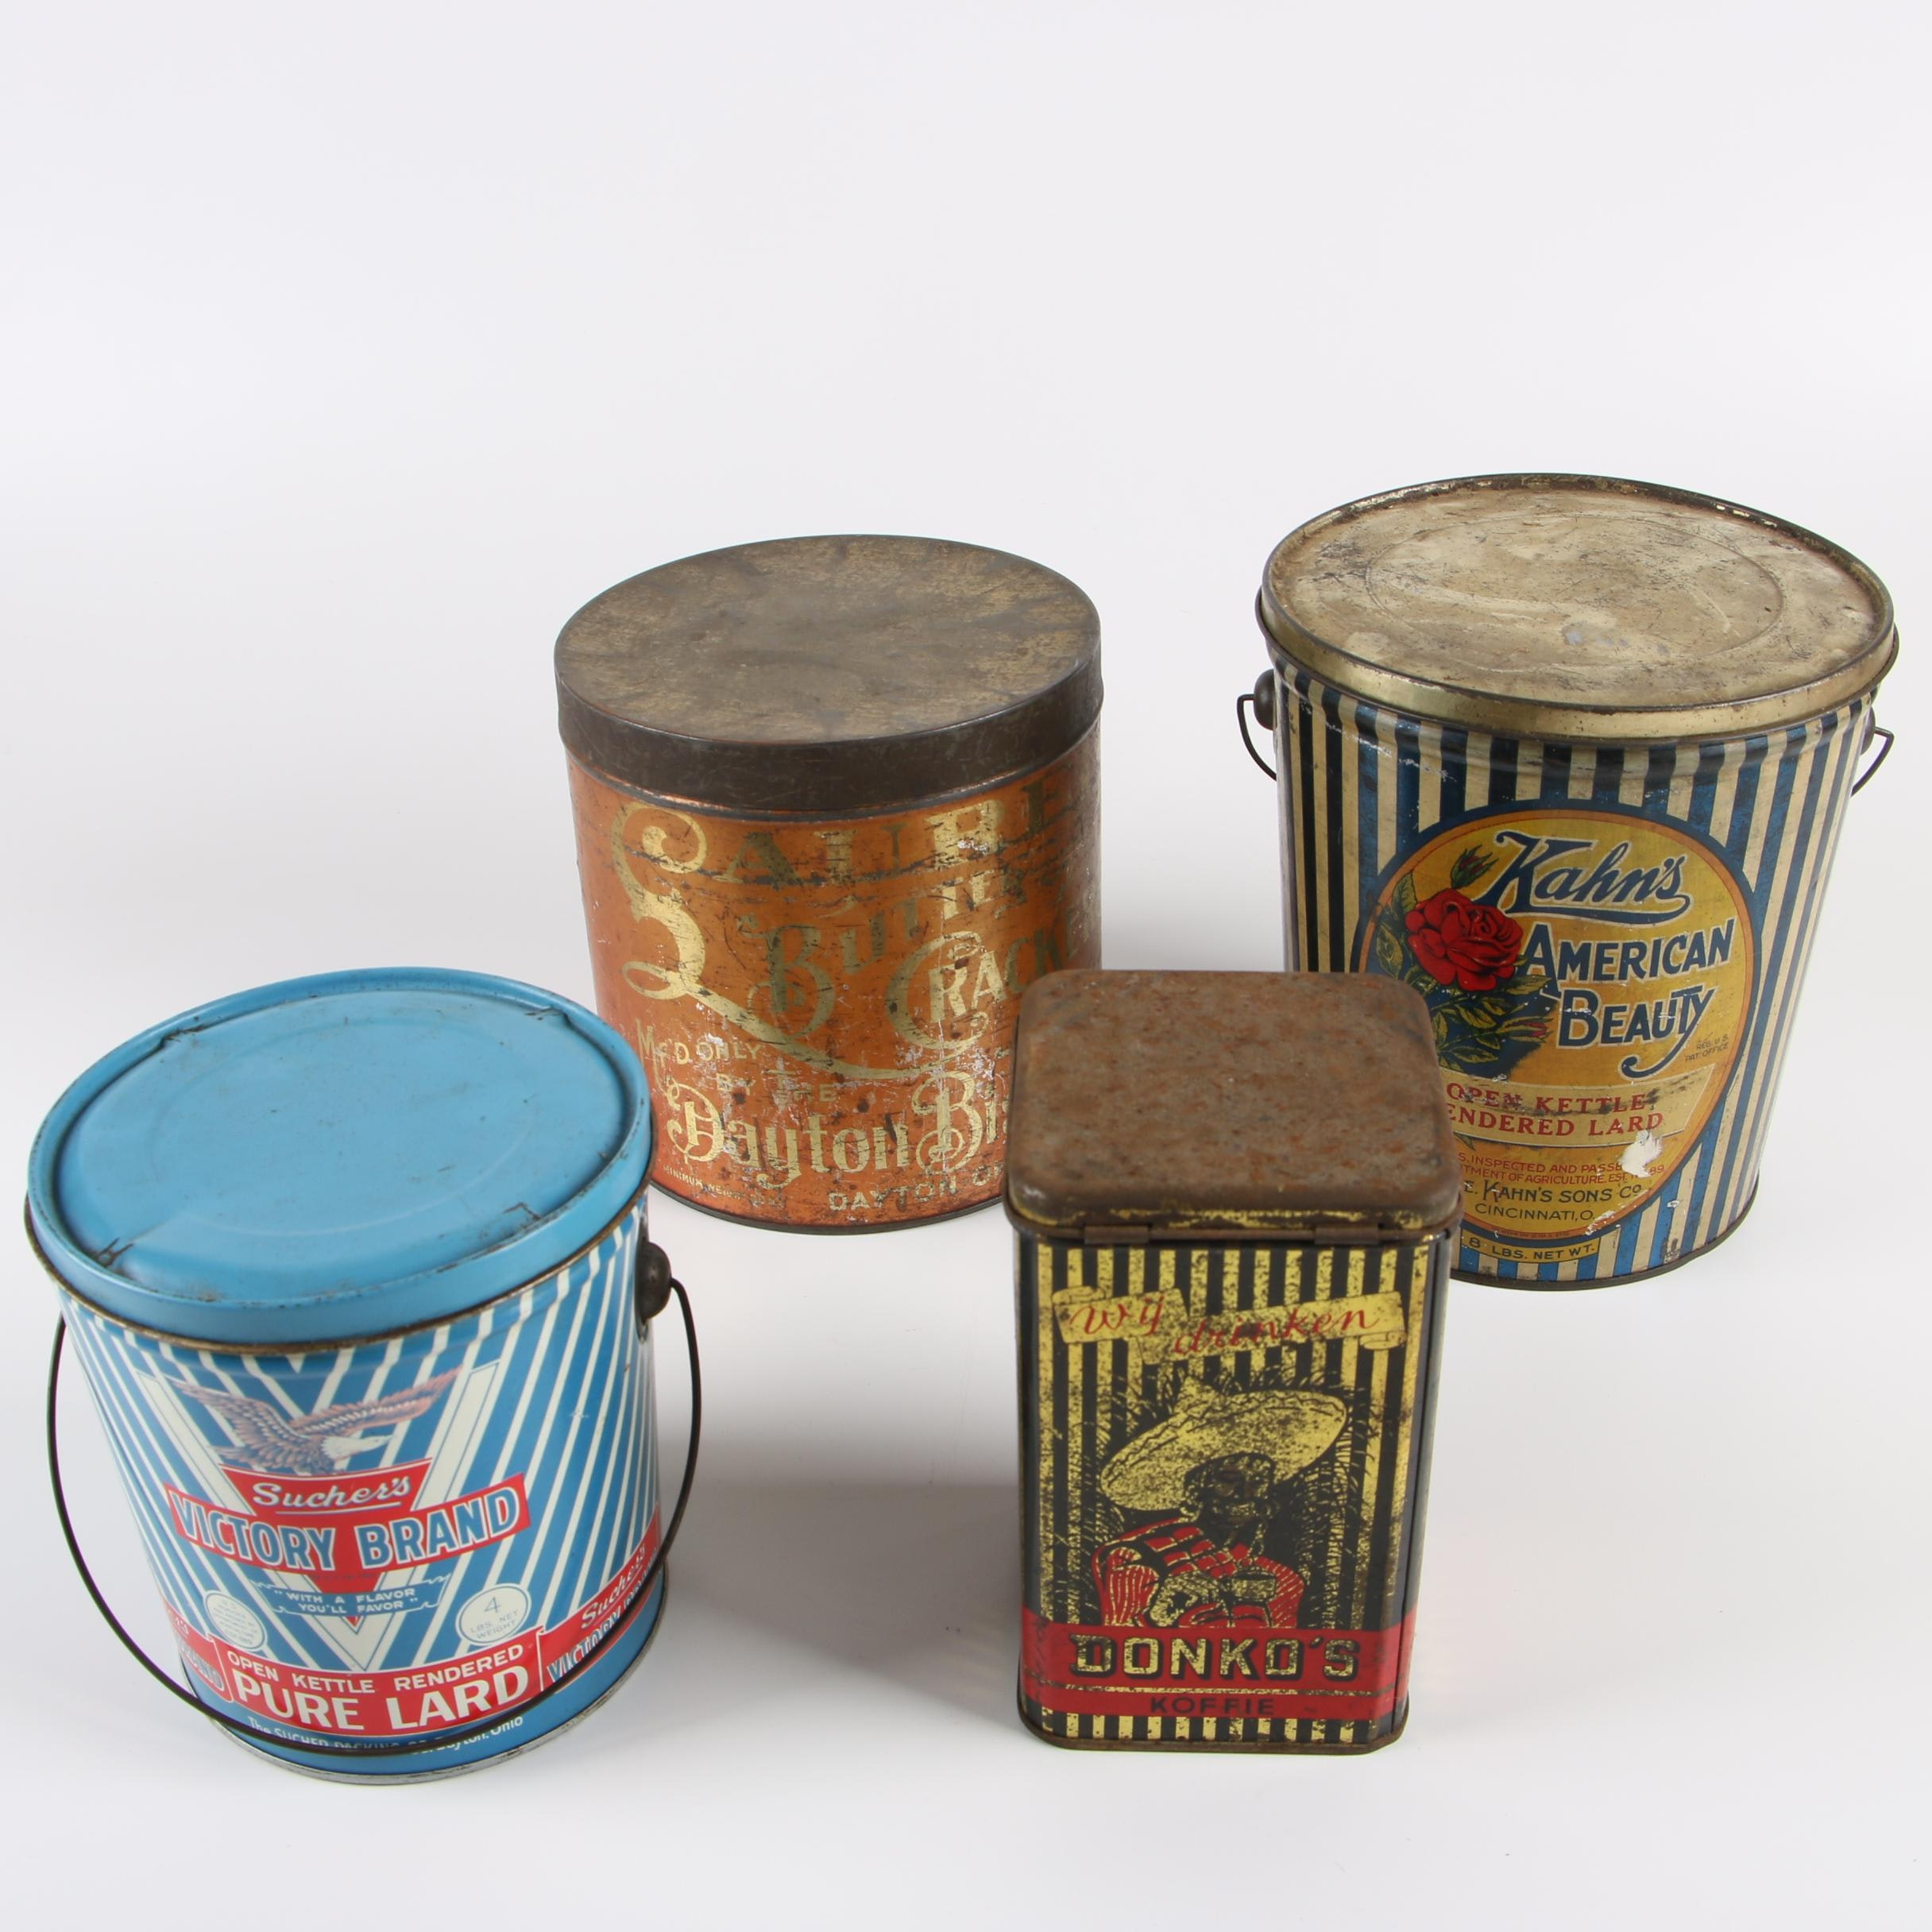 Vintage Metal Tins including Kahn's